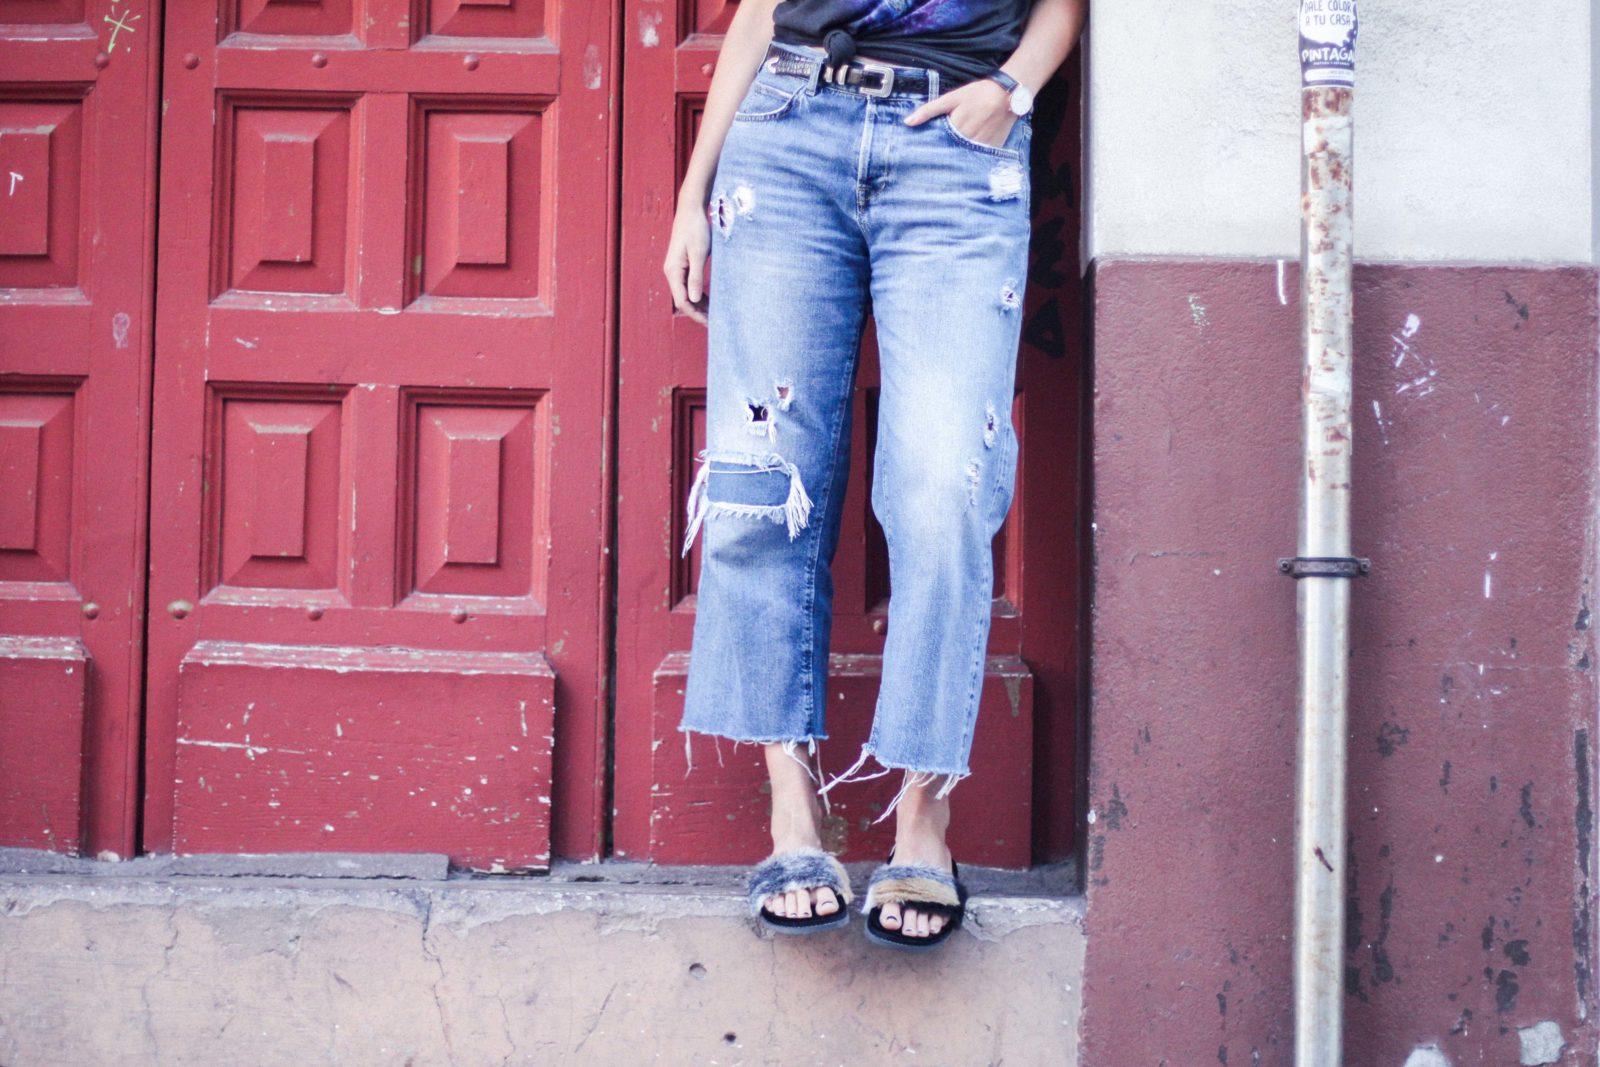 jeans_vaqueros_camiseta_estampada_sandalias_pelo-31